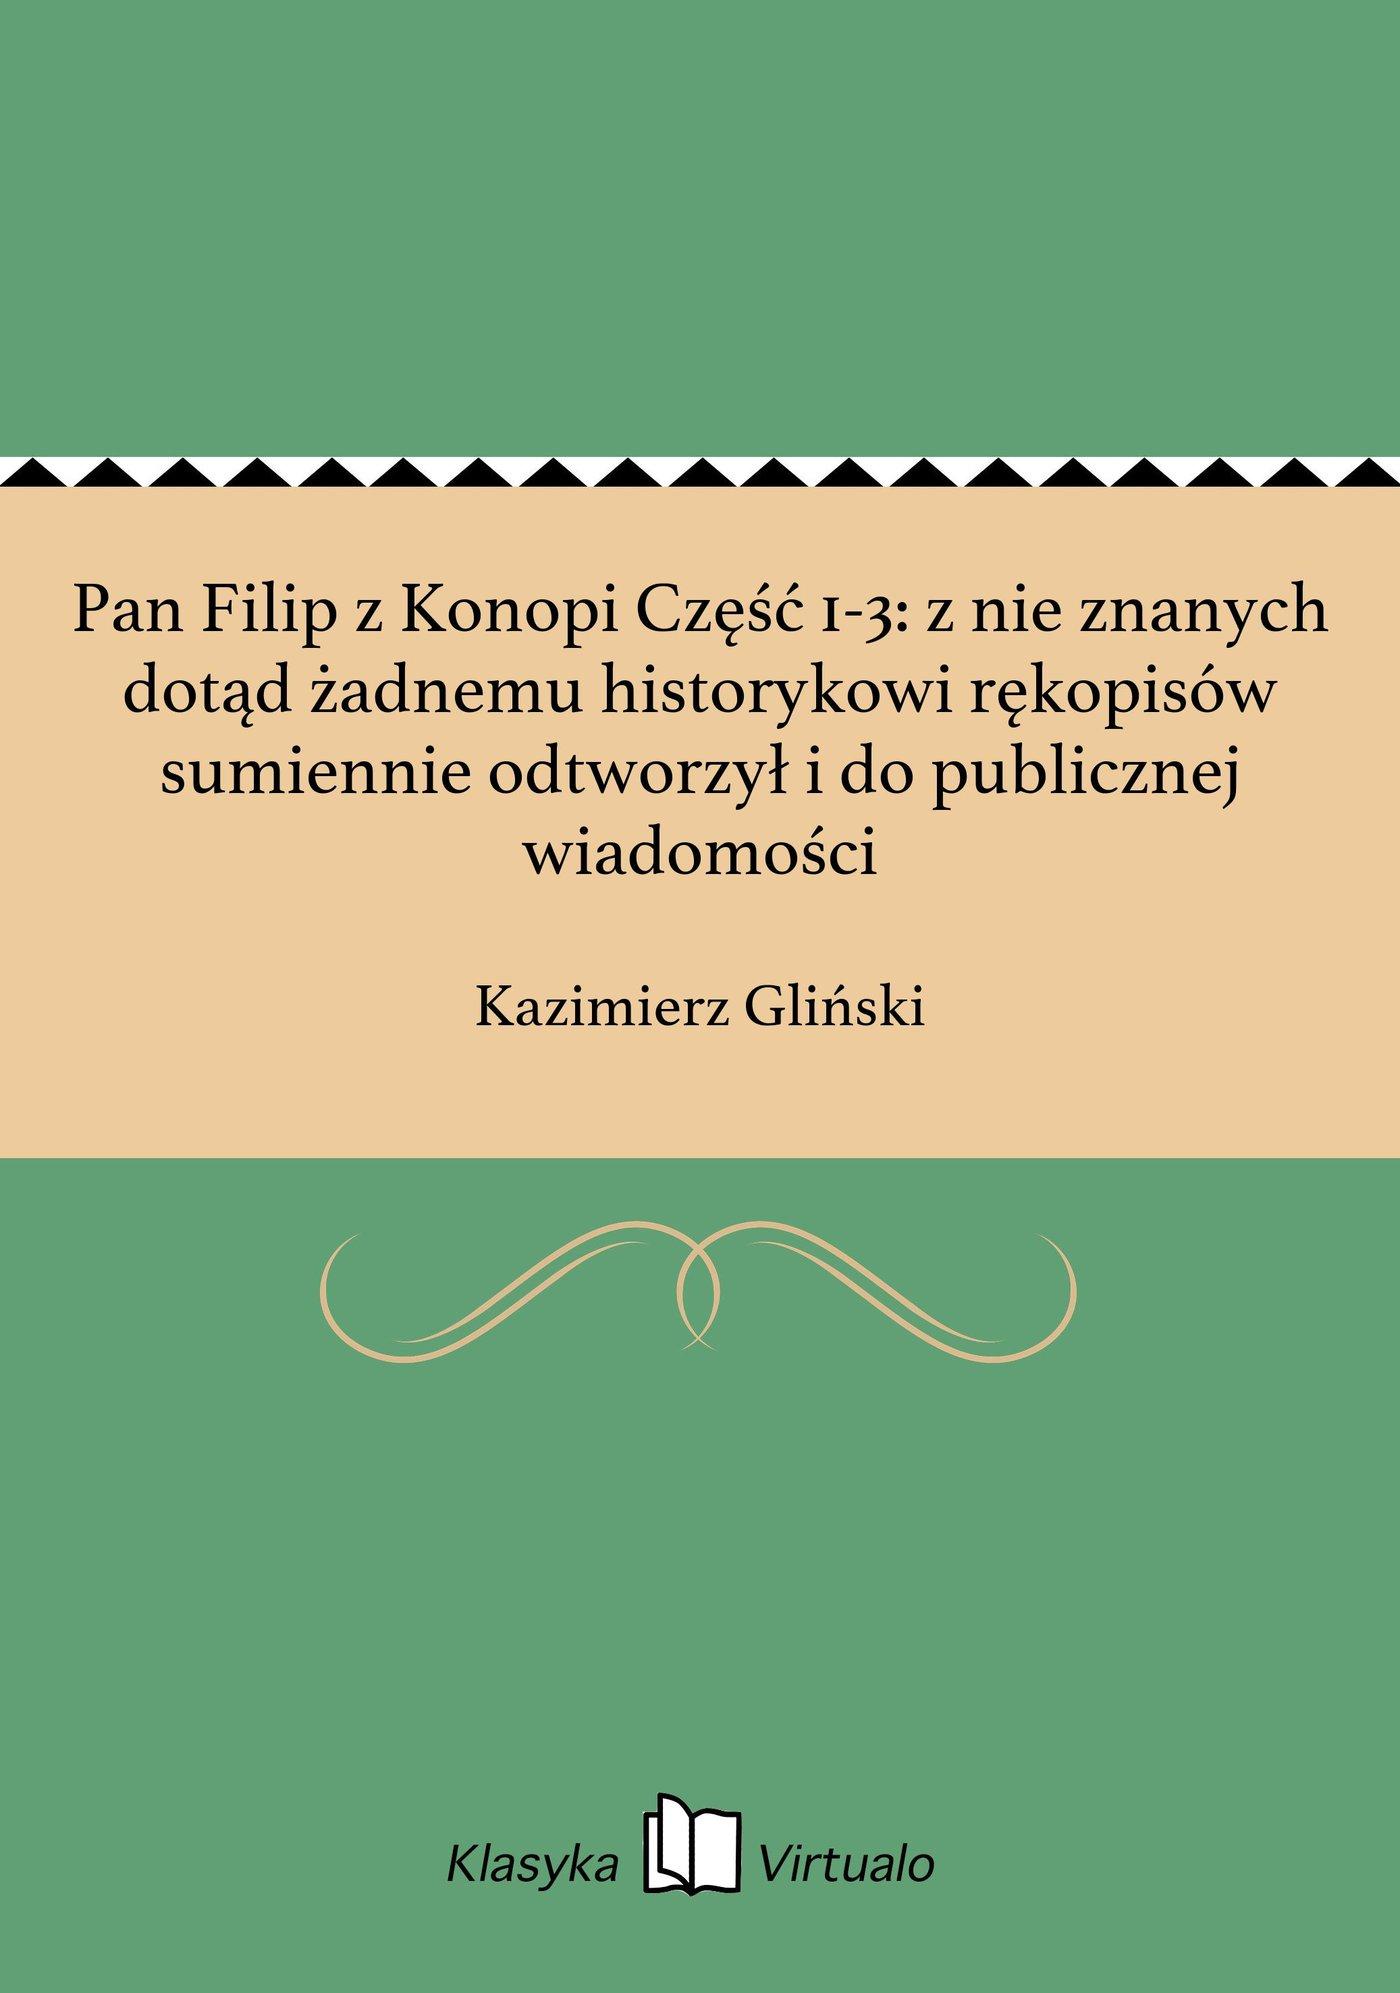 Pan Filip z Konopi Część 1-3: z nie znanych dotąd żadnemu historykowi rękopisów sumiennie odtworzył i do publicznej wiadomości - Ebook (Książka EPUB) do pobrania w formacie EPUB